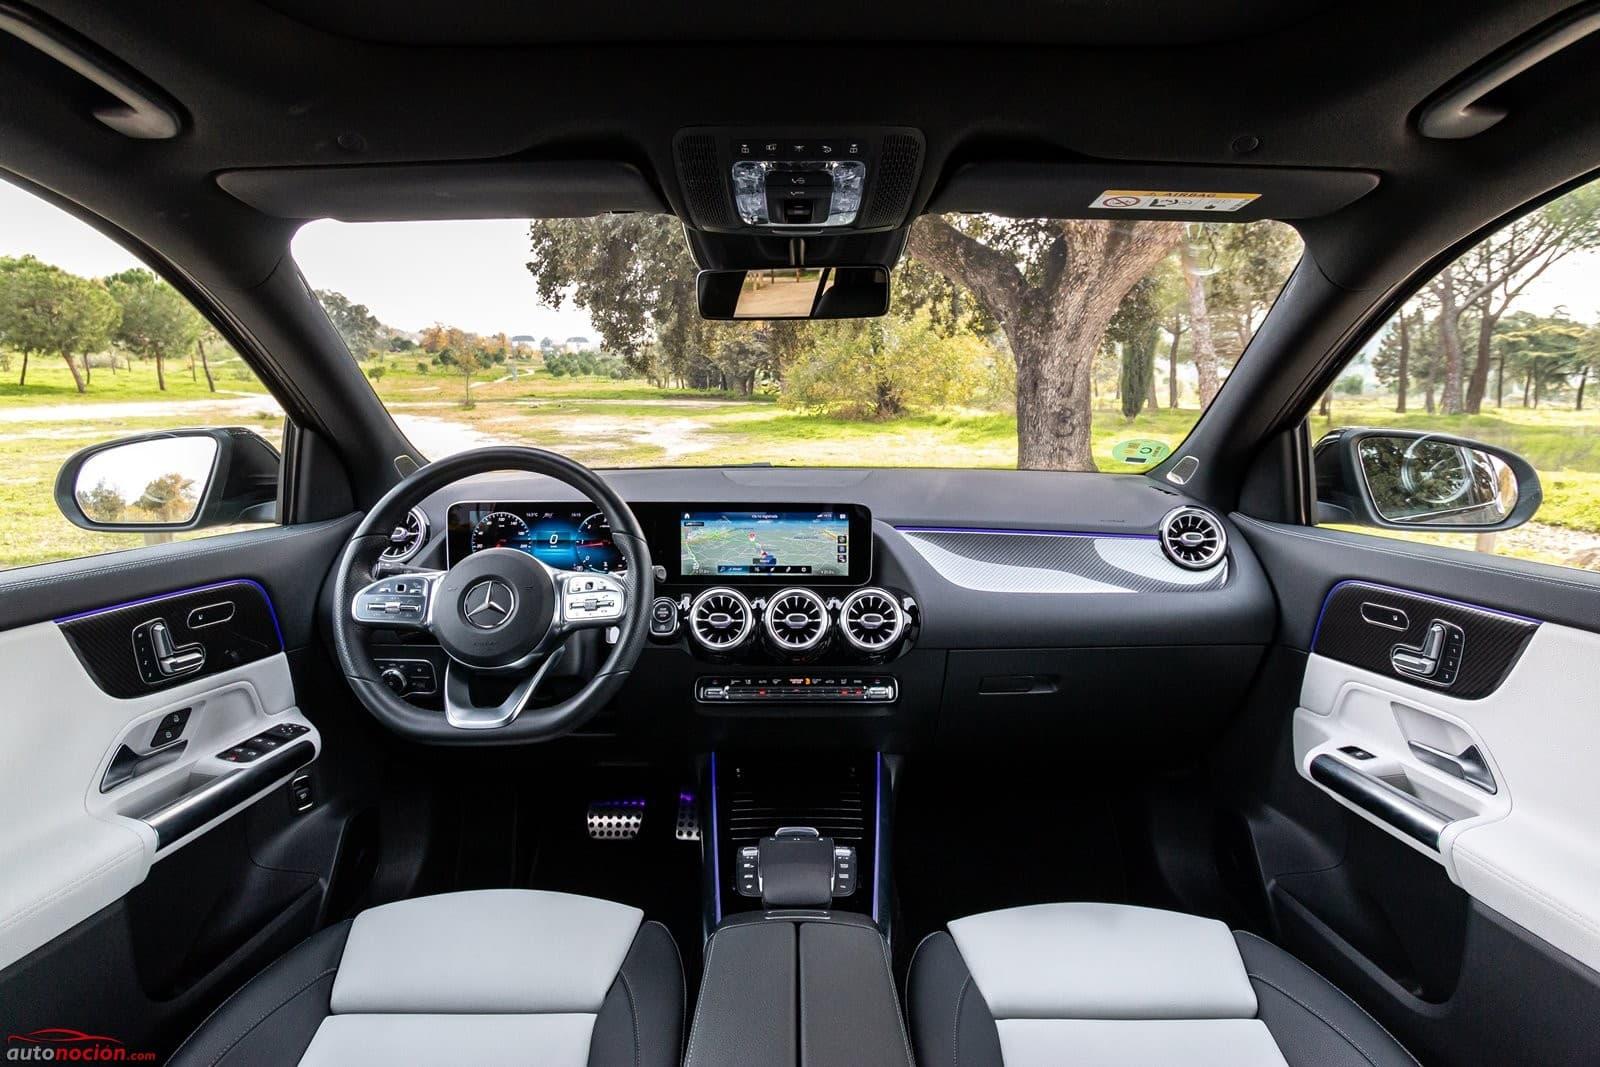 Opinión y prueba Mercedes-Benz GLA 200 d 150 CV diésel 2020